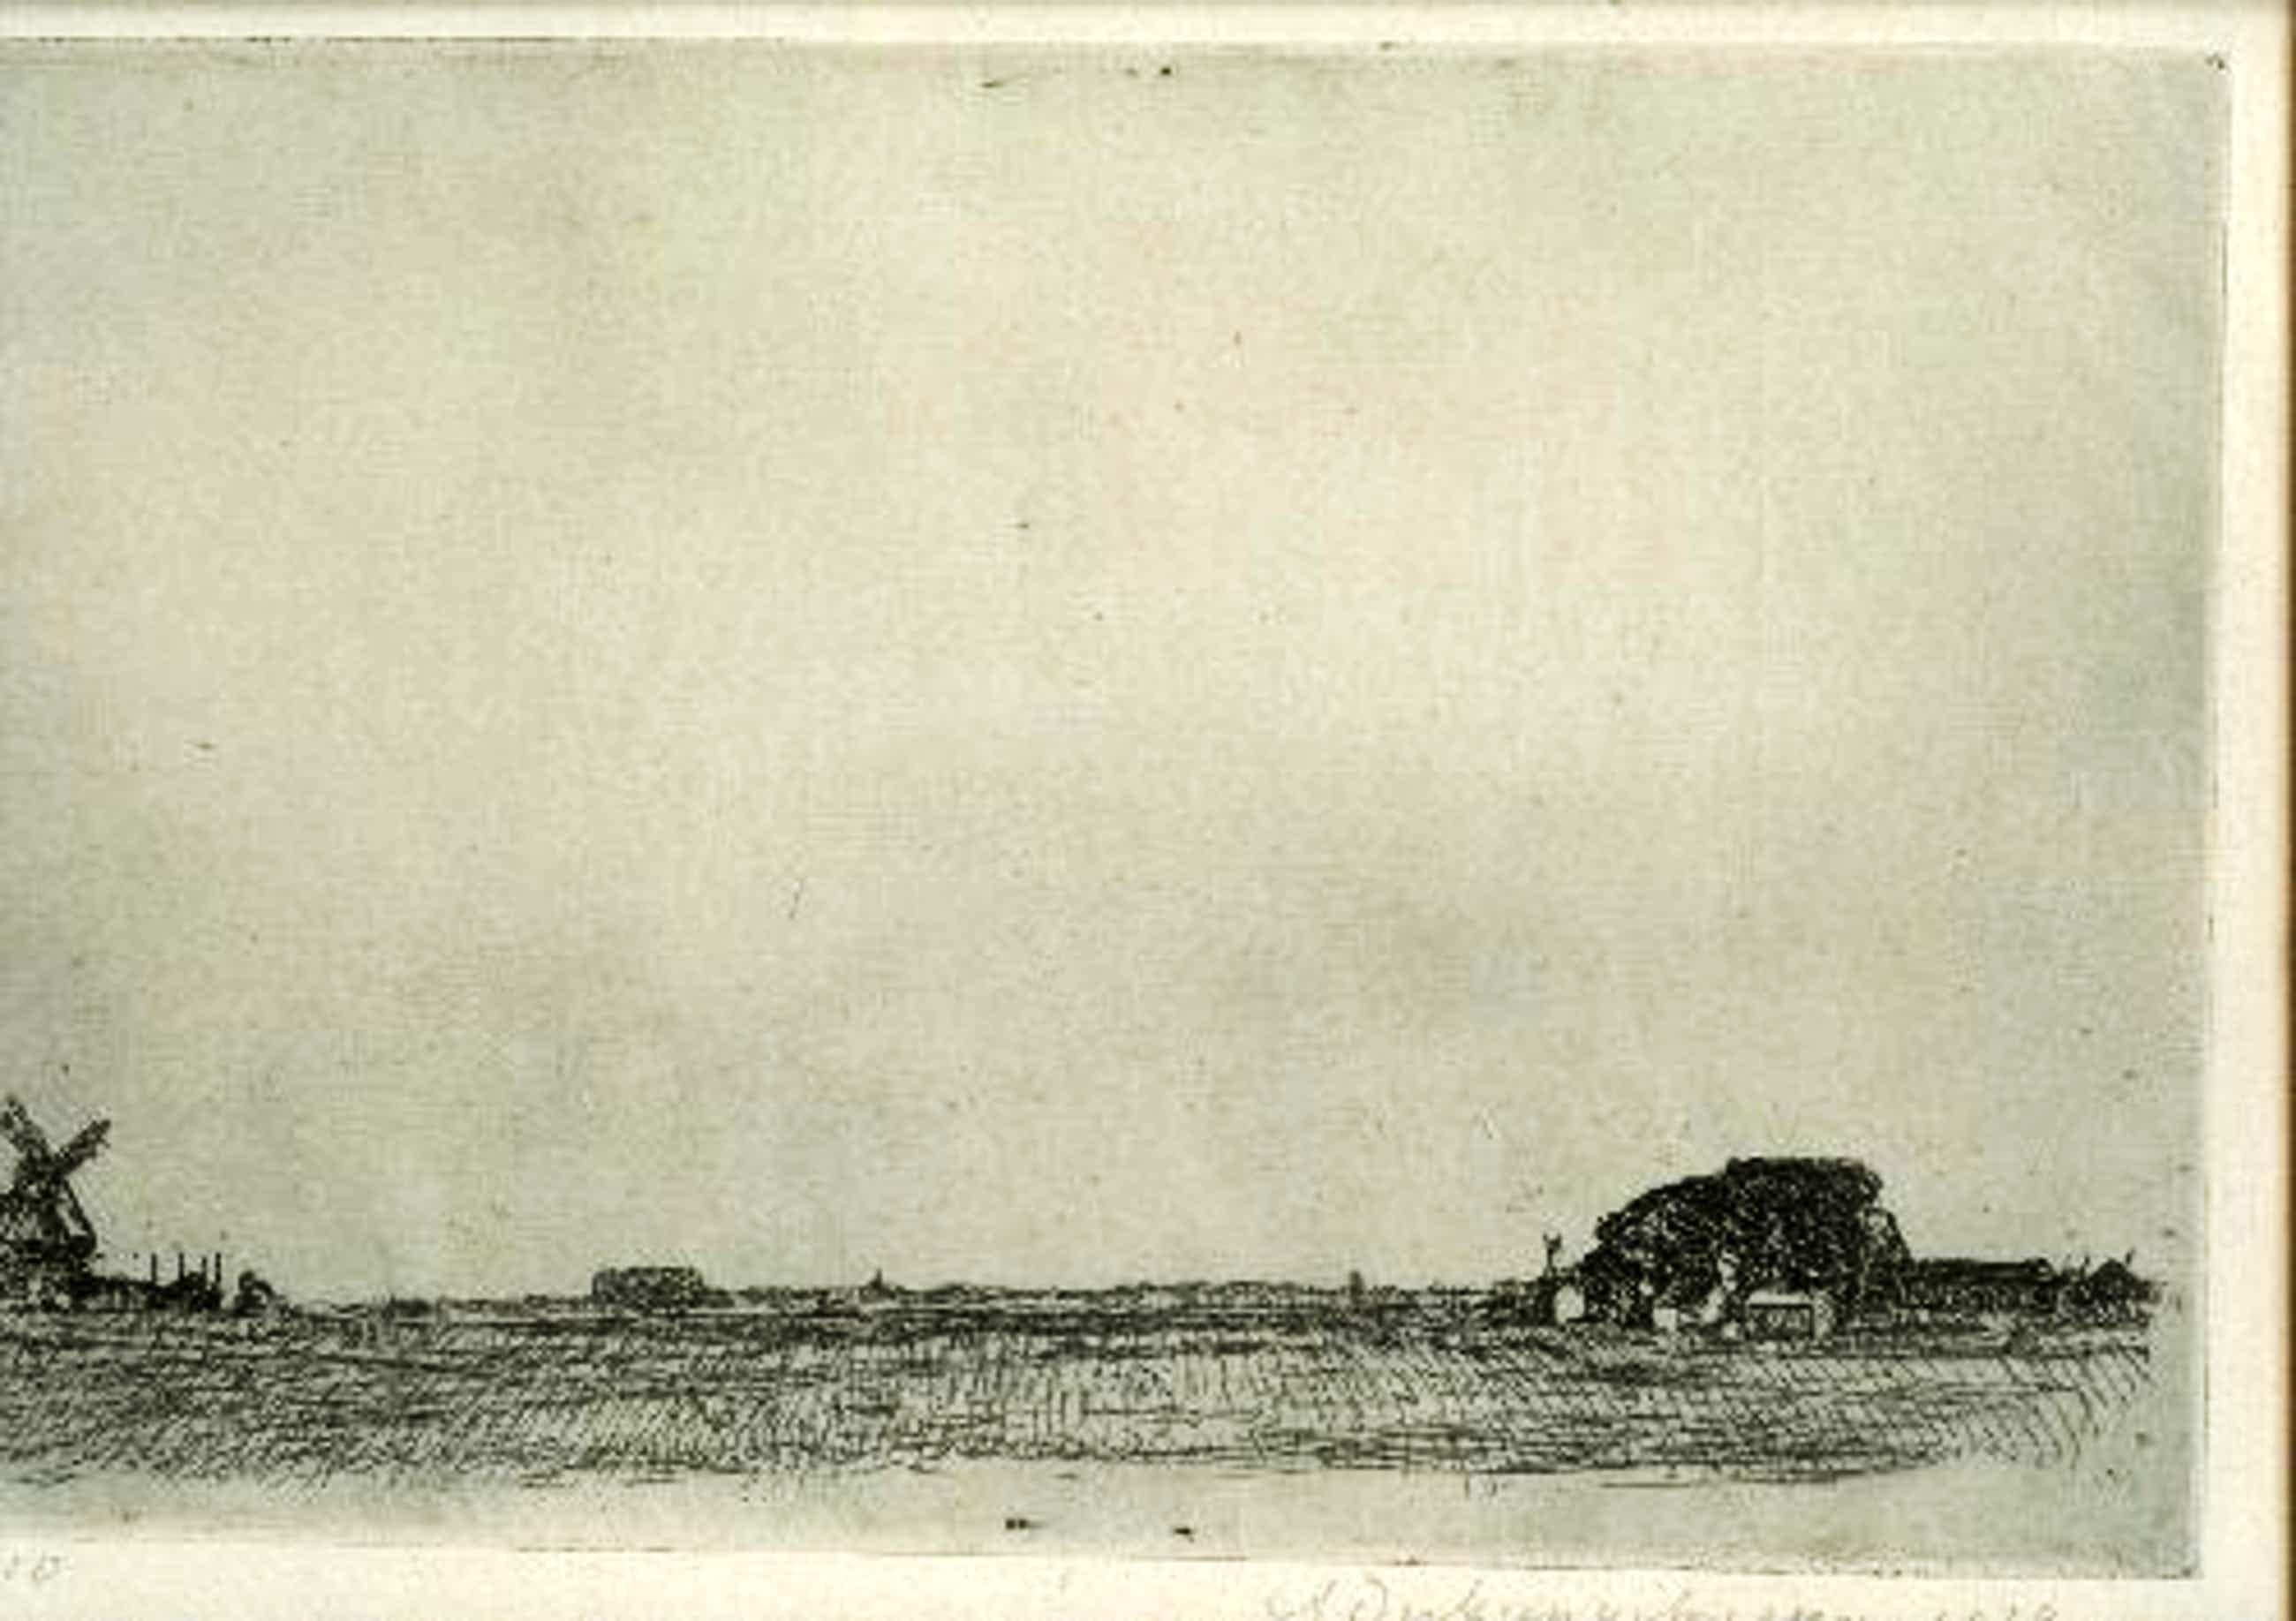 Antoon Derkzen van Angeren - Derkzen van Angeren Holländische Ebene sign.Radierung 1914 kopen? Bied vanaf 350!